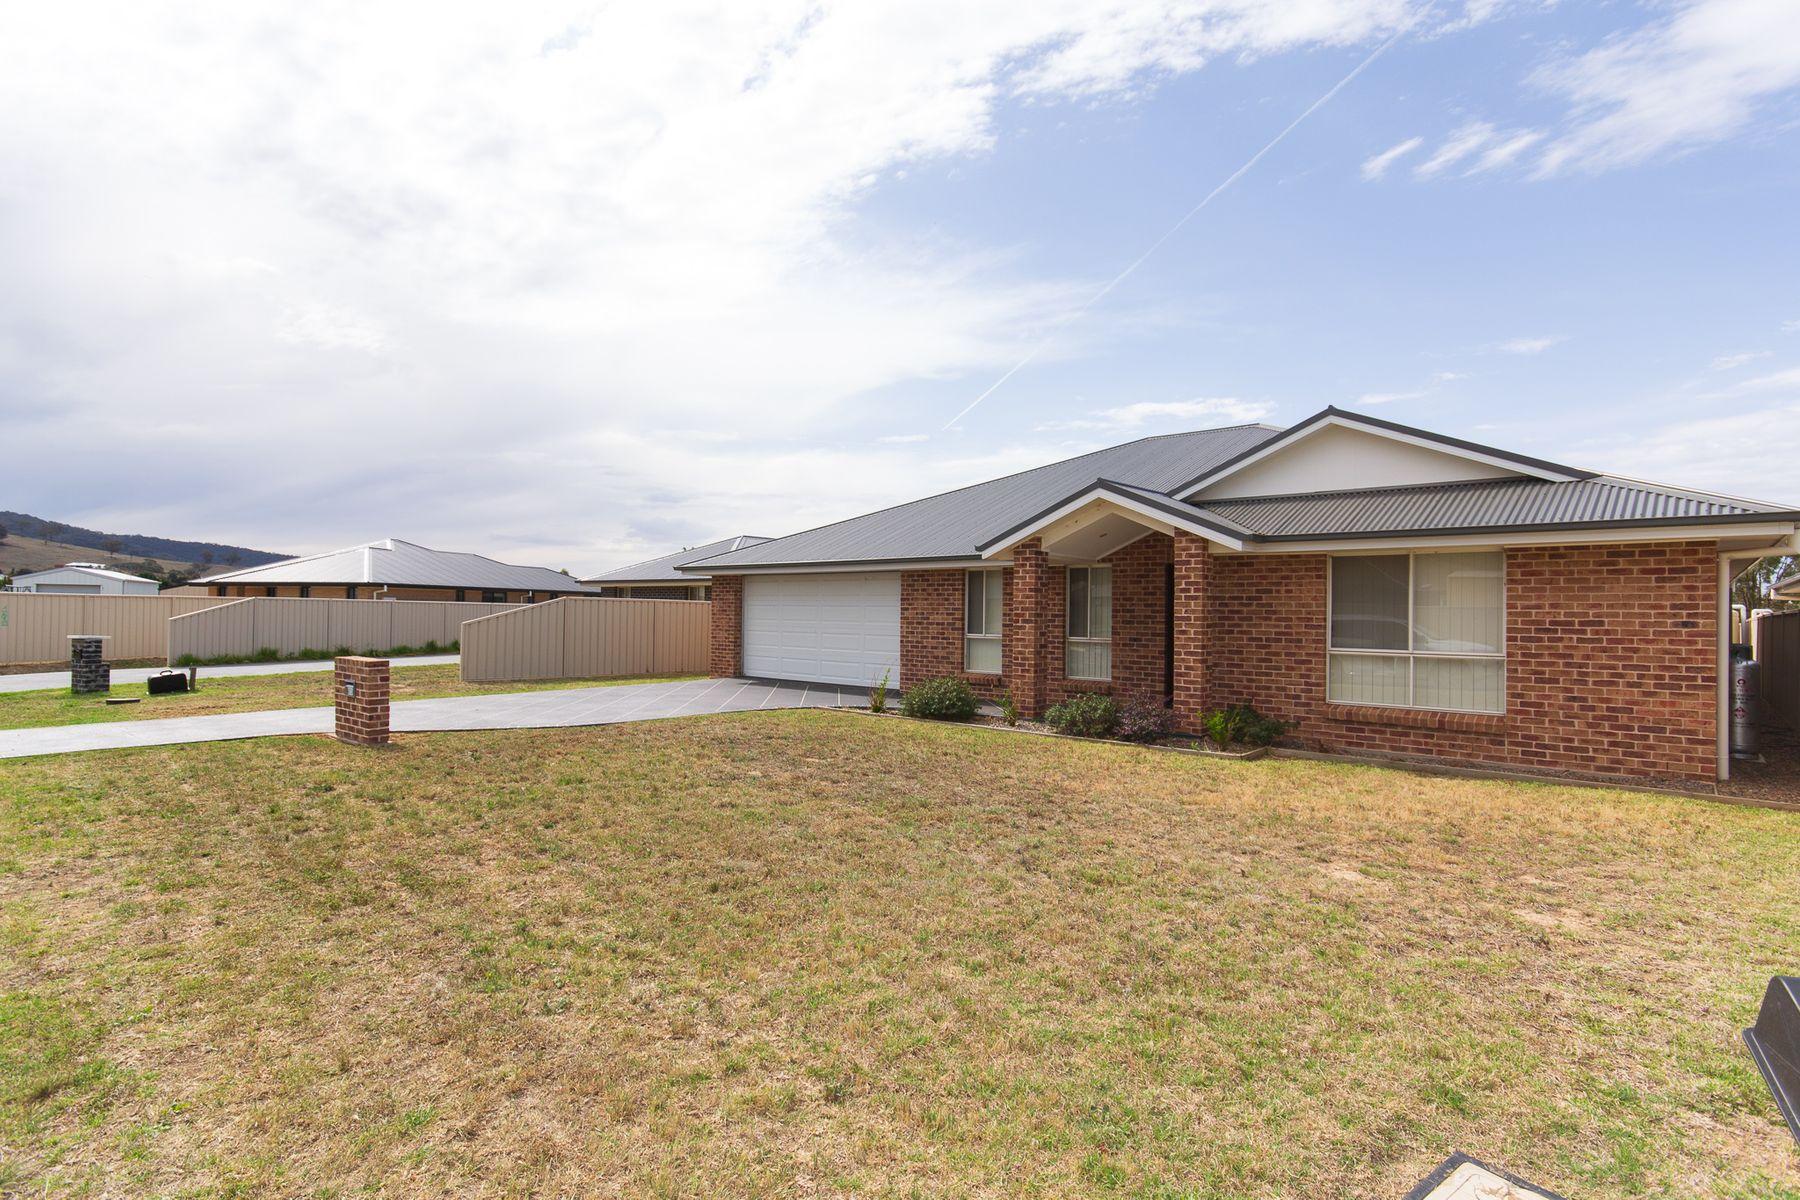 50 Winter Street, Mudgee, NSW 2850